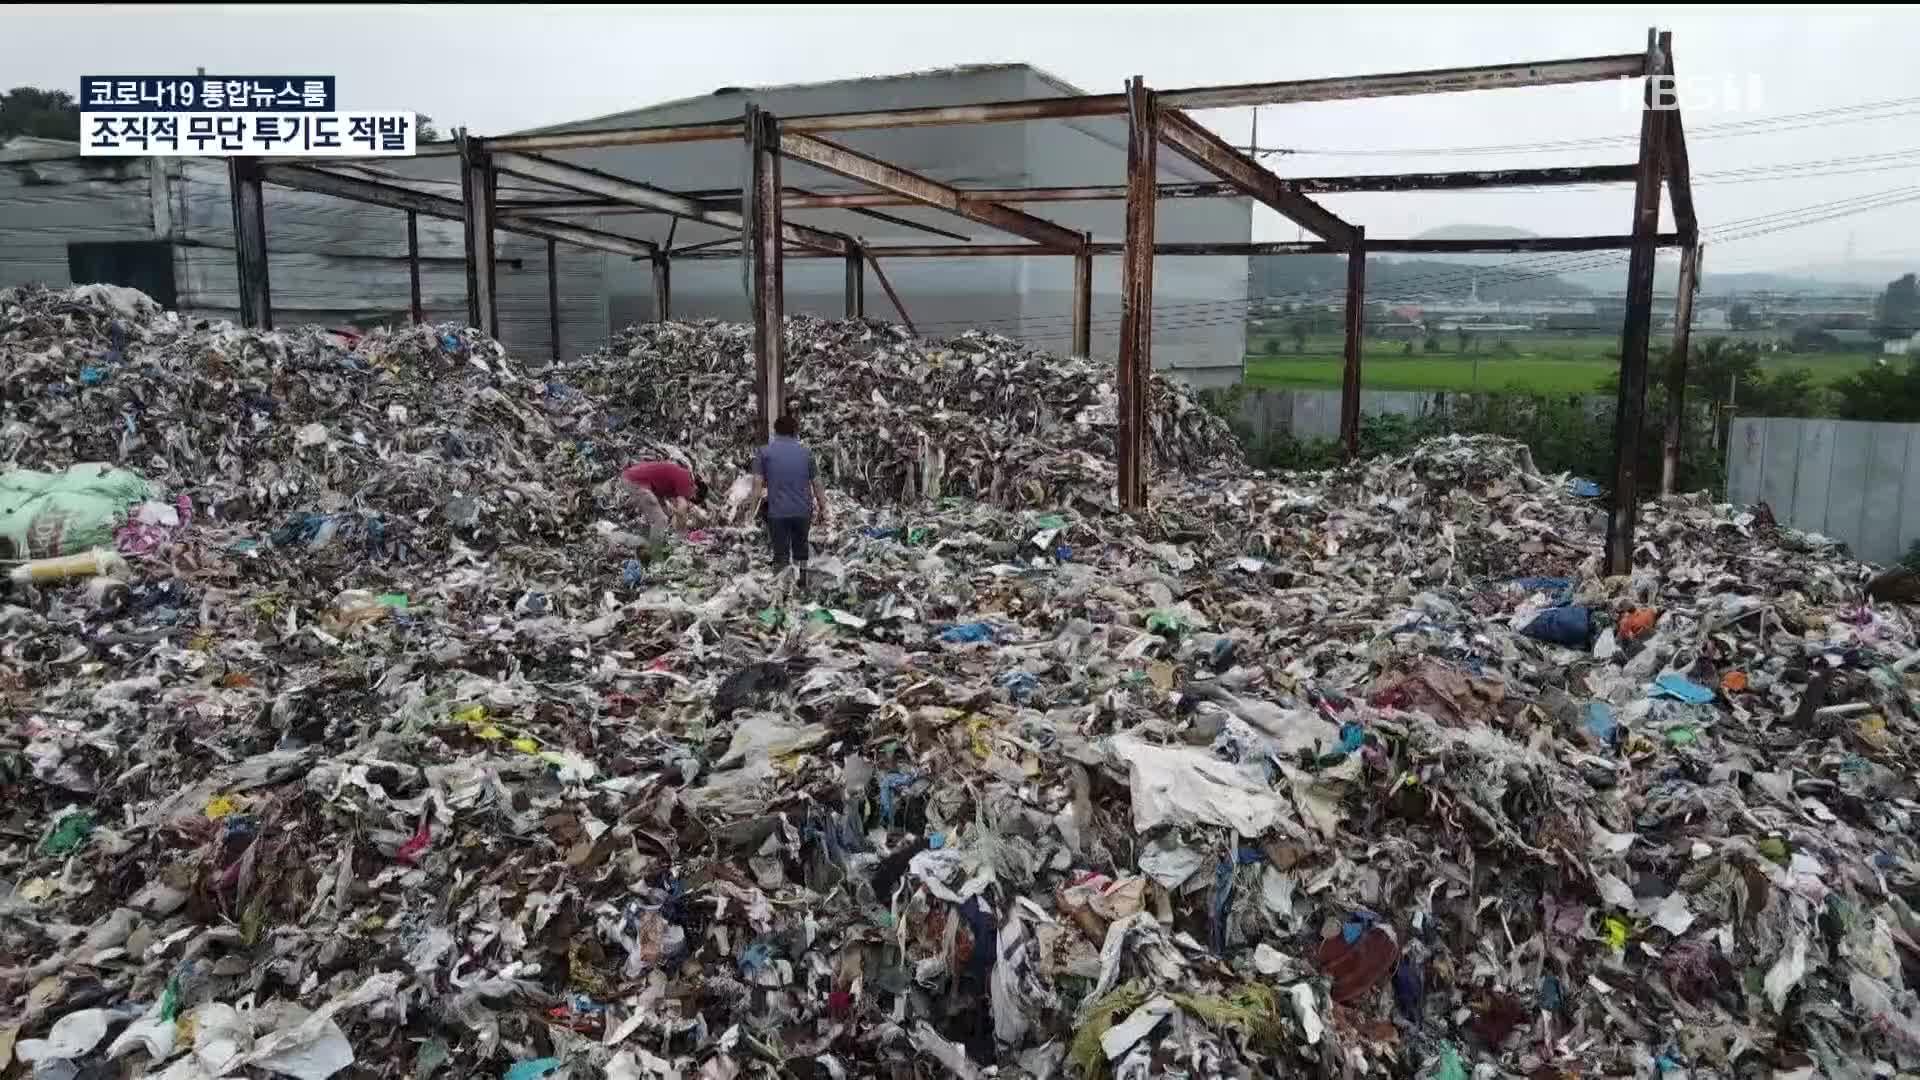 쓰레기 무단투기, 브로커까지 등장..환경부, 일제 조사[멀티스포츠 토토|방어진 토토]